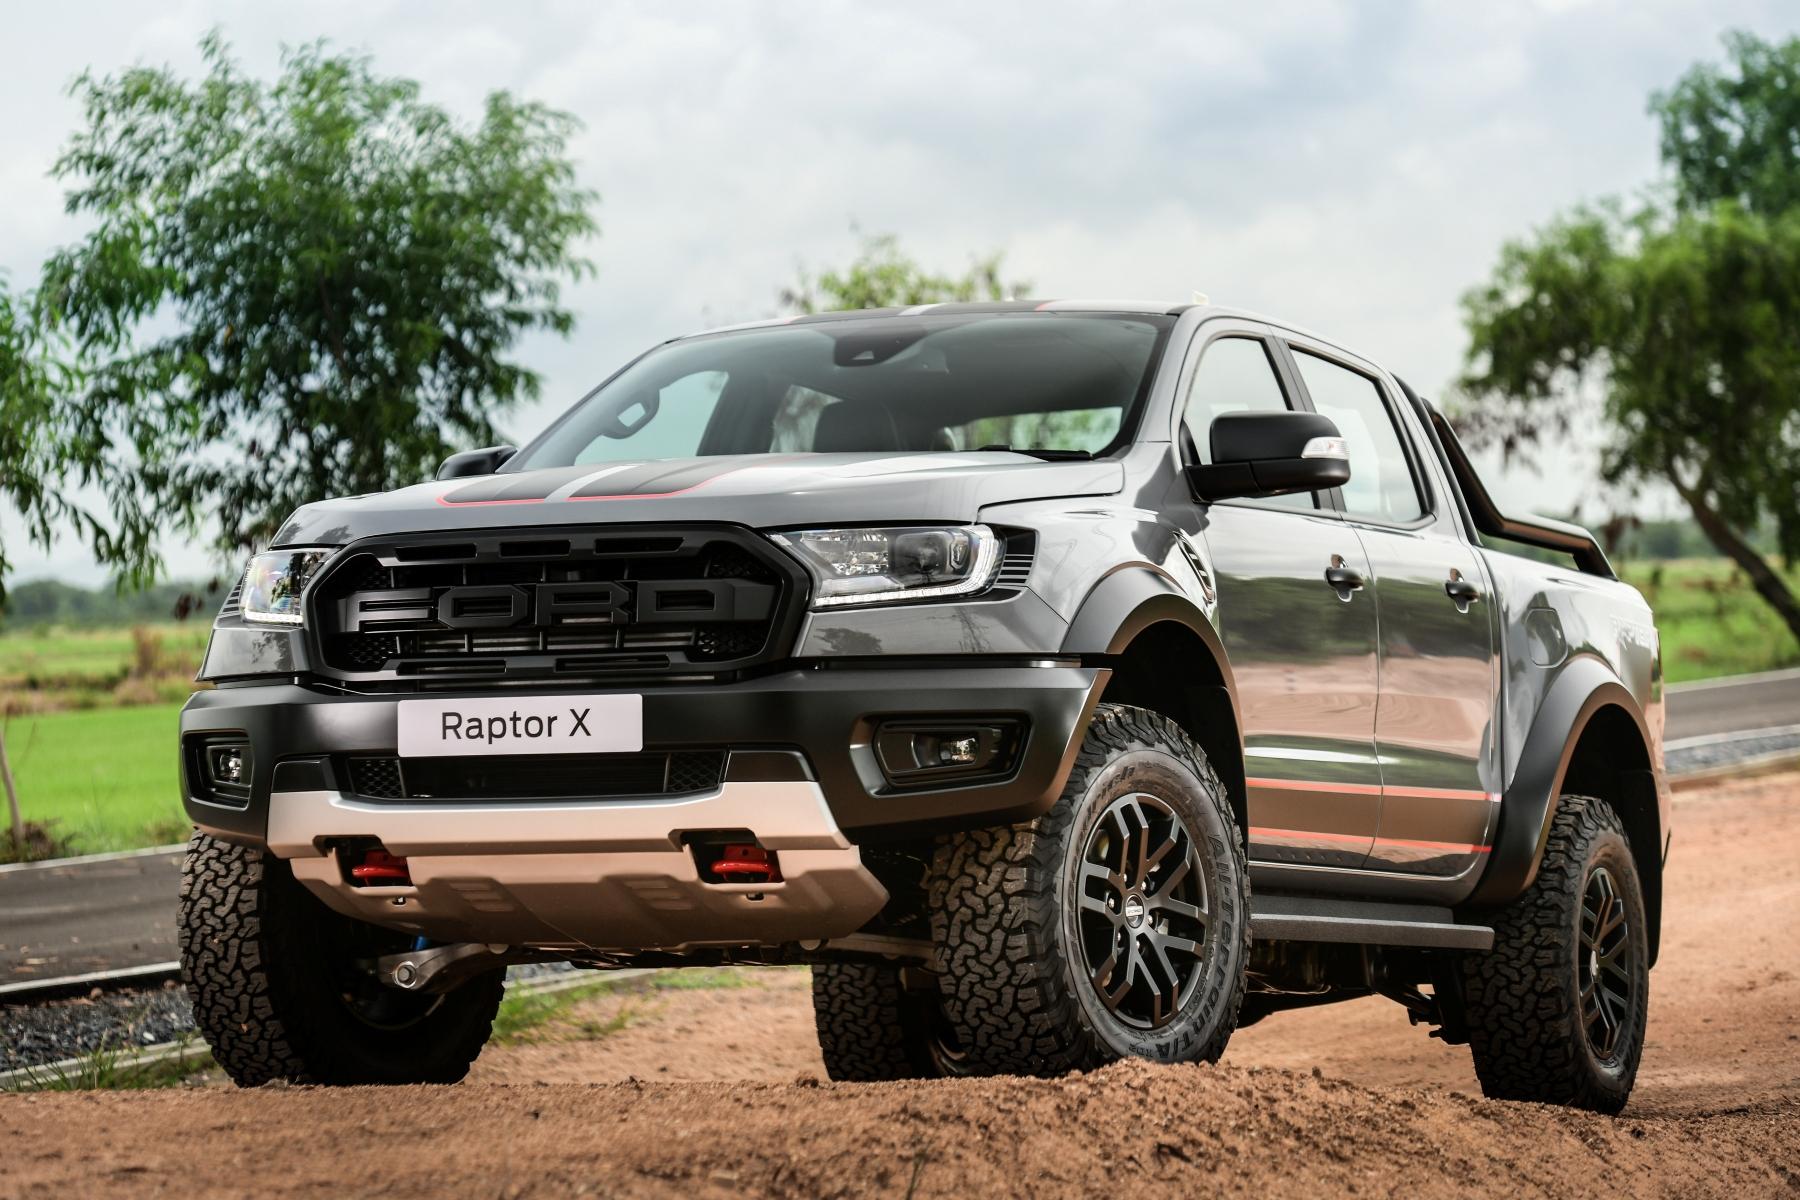 Ford Ranger Raptor X_exterior (1)